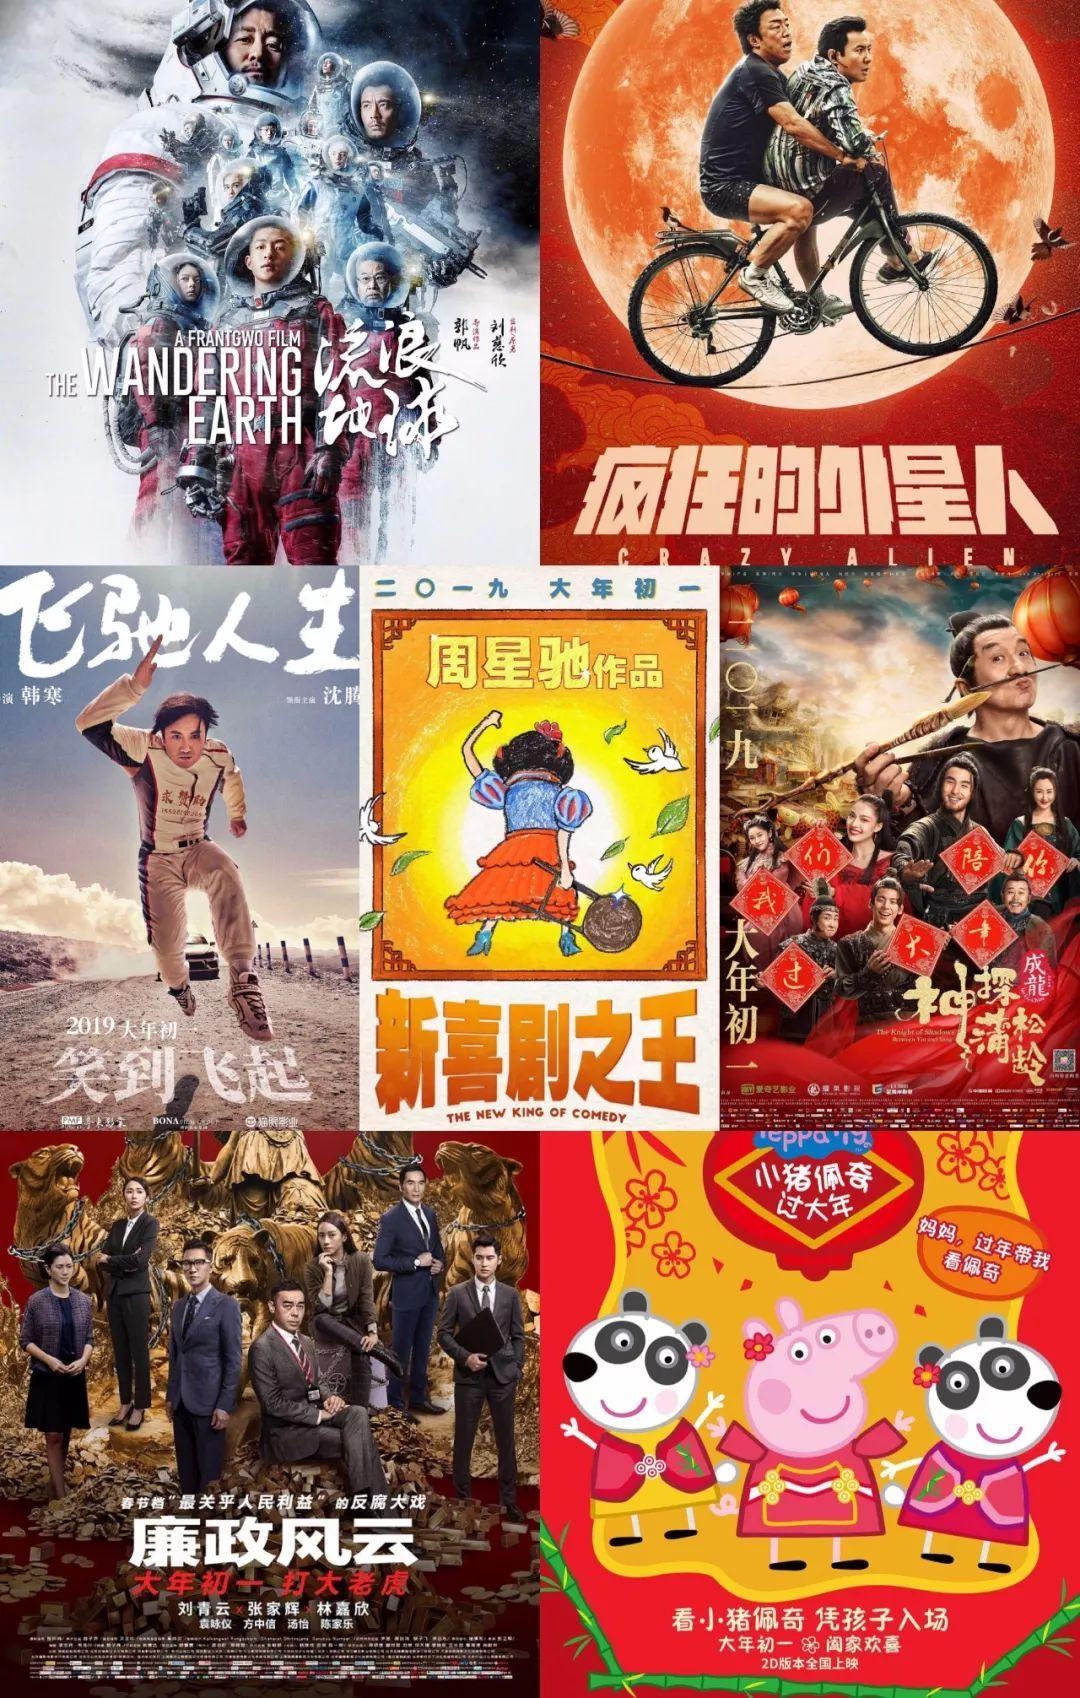 从春节档超200亿的曝光量解读娱乐营销界的黑马今日头条